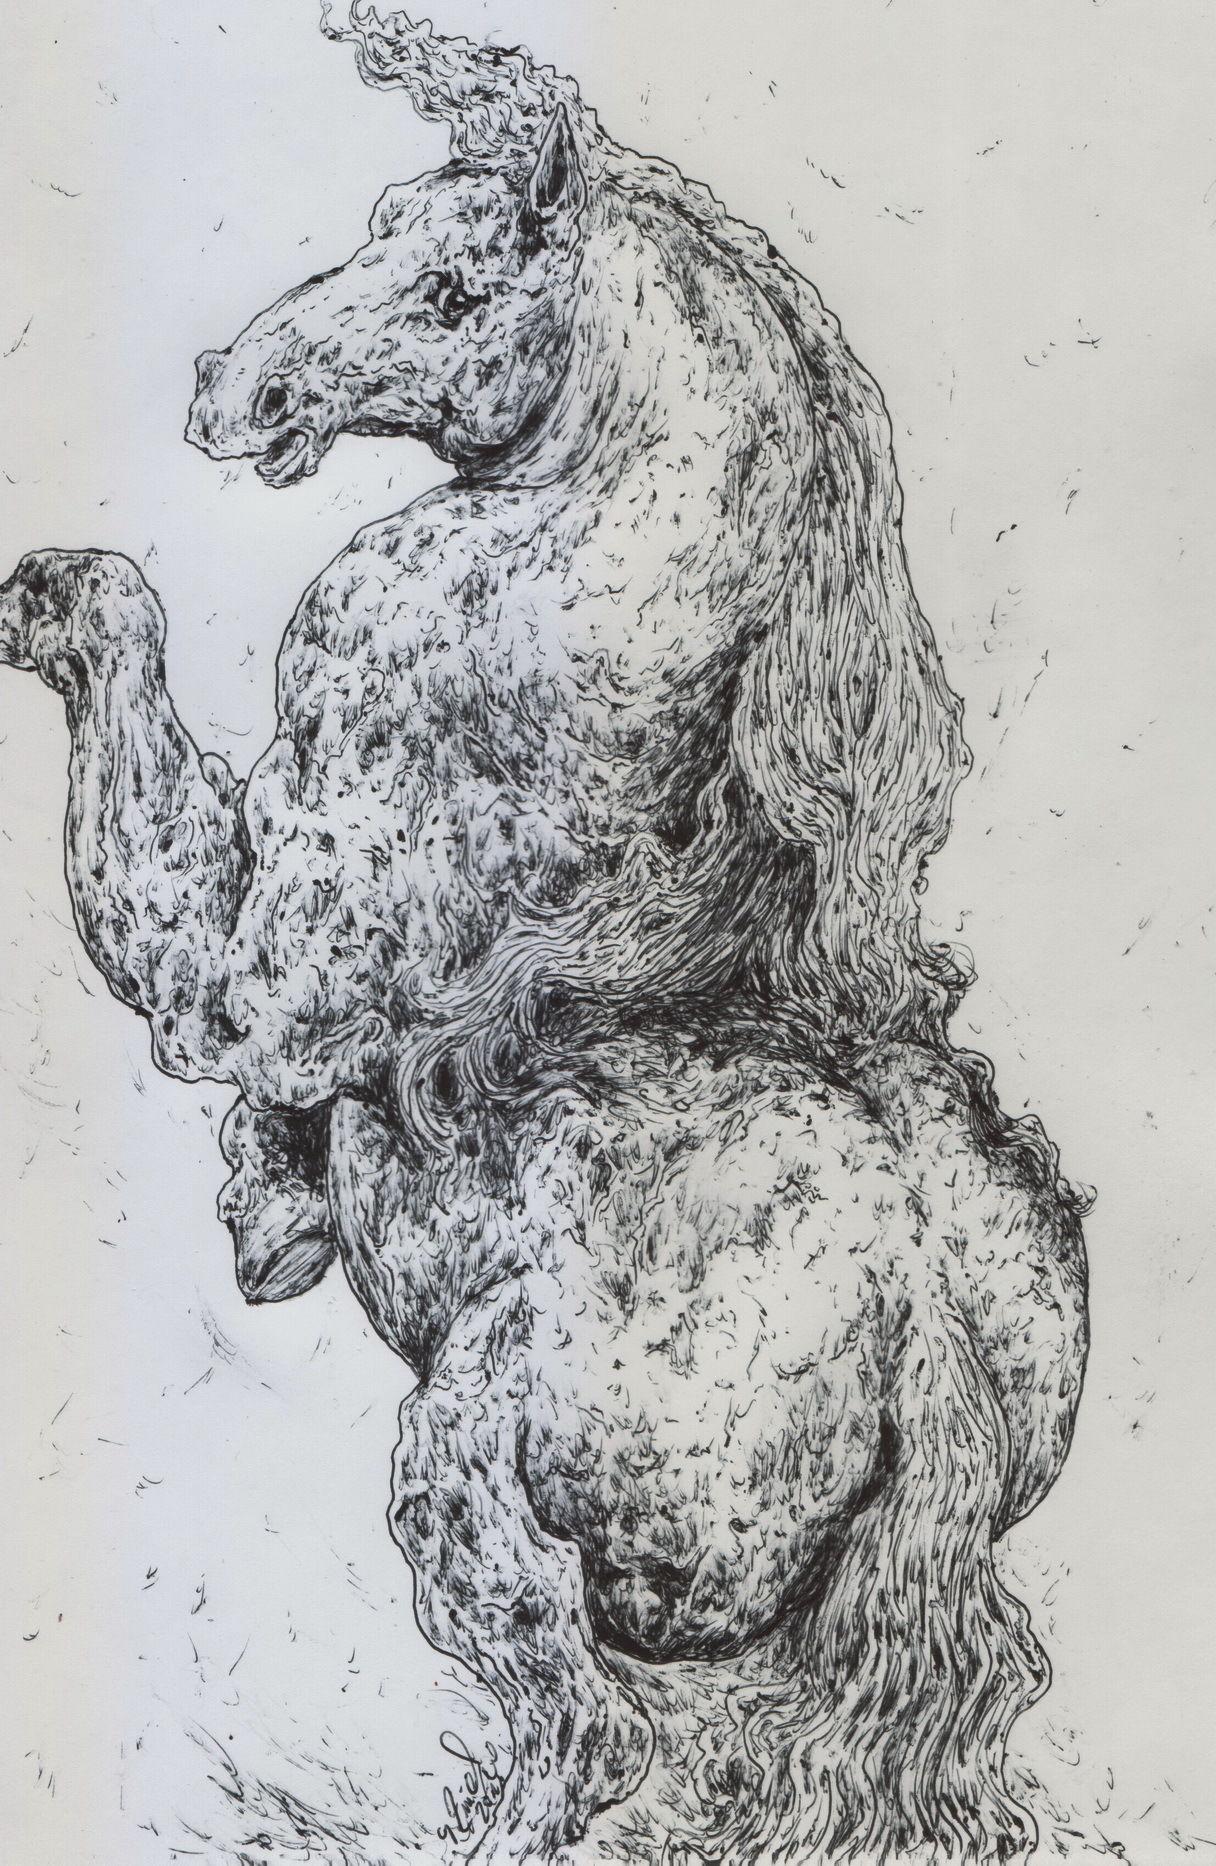 Bild: Pferd, Anatomie, Tiere, Illustrationen von Ganglion bei KunstNet